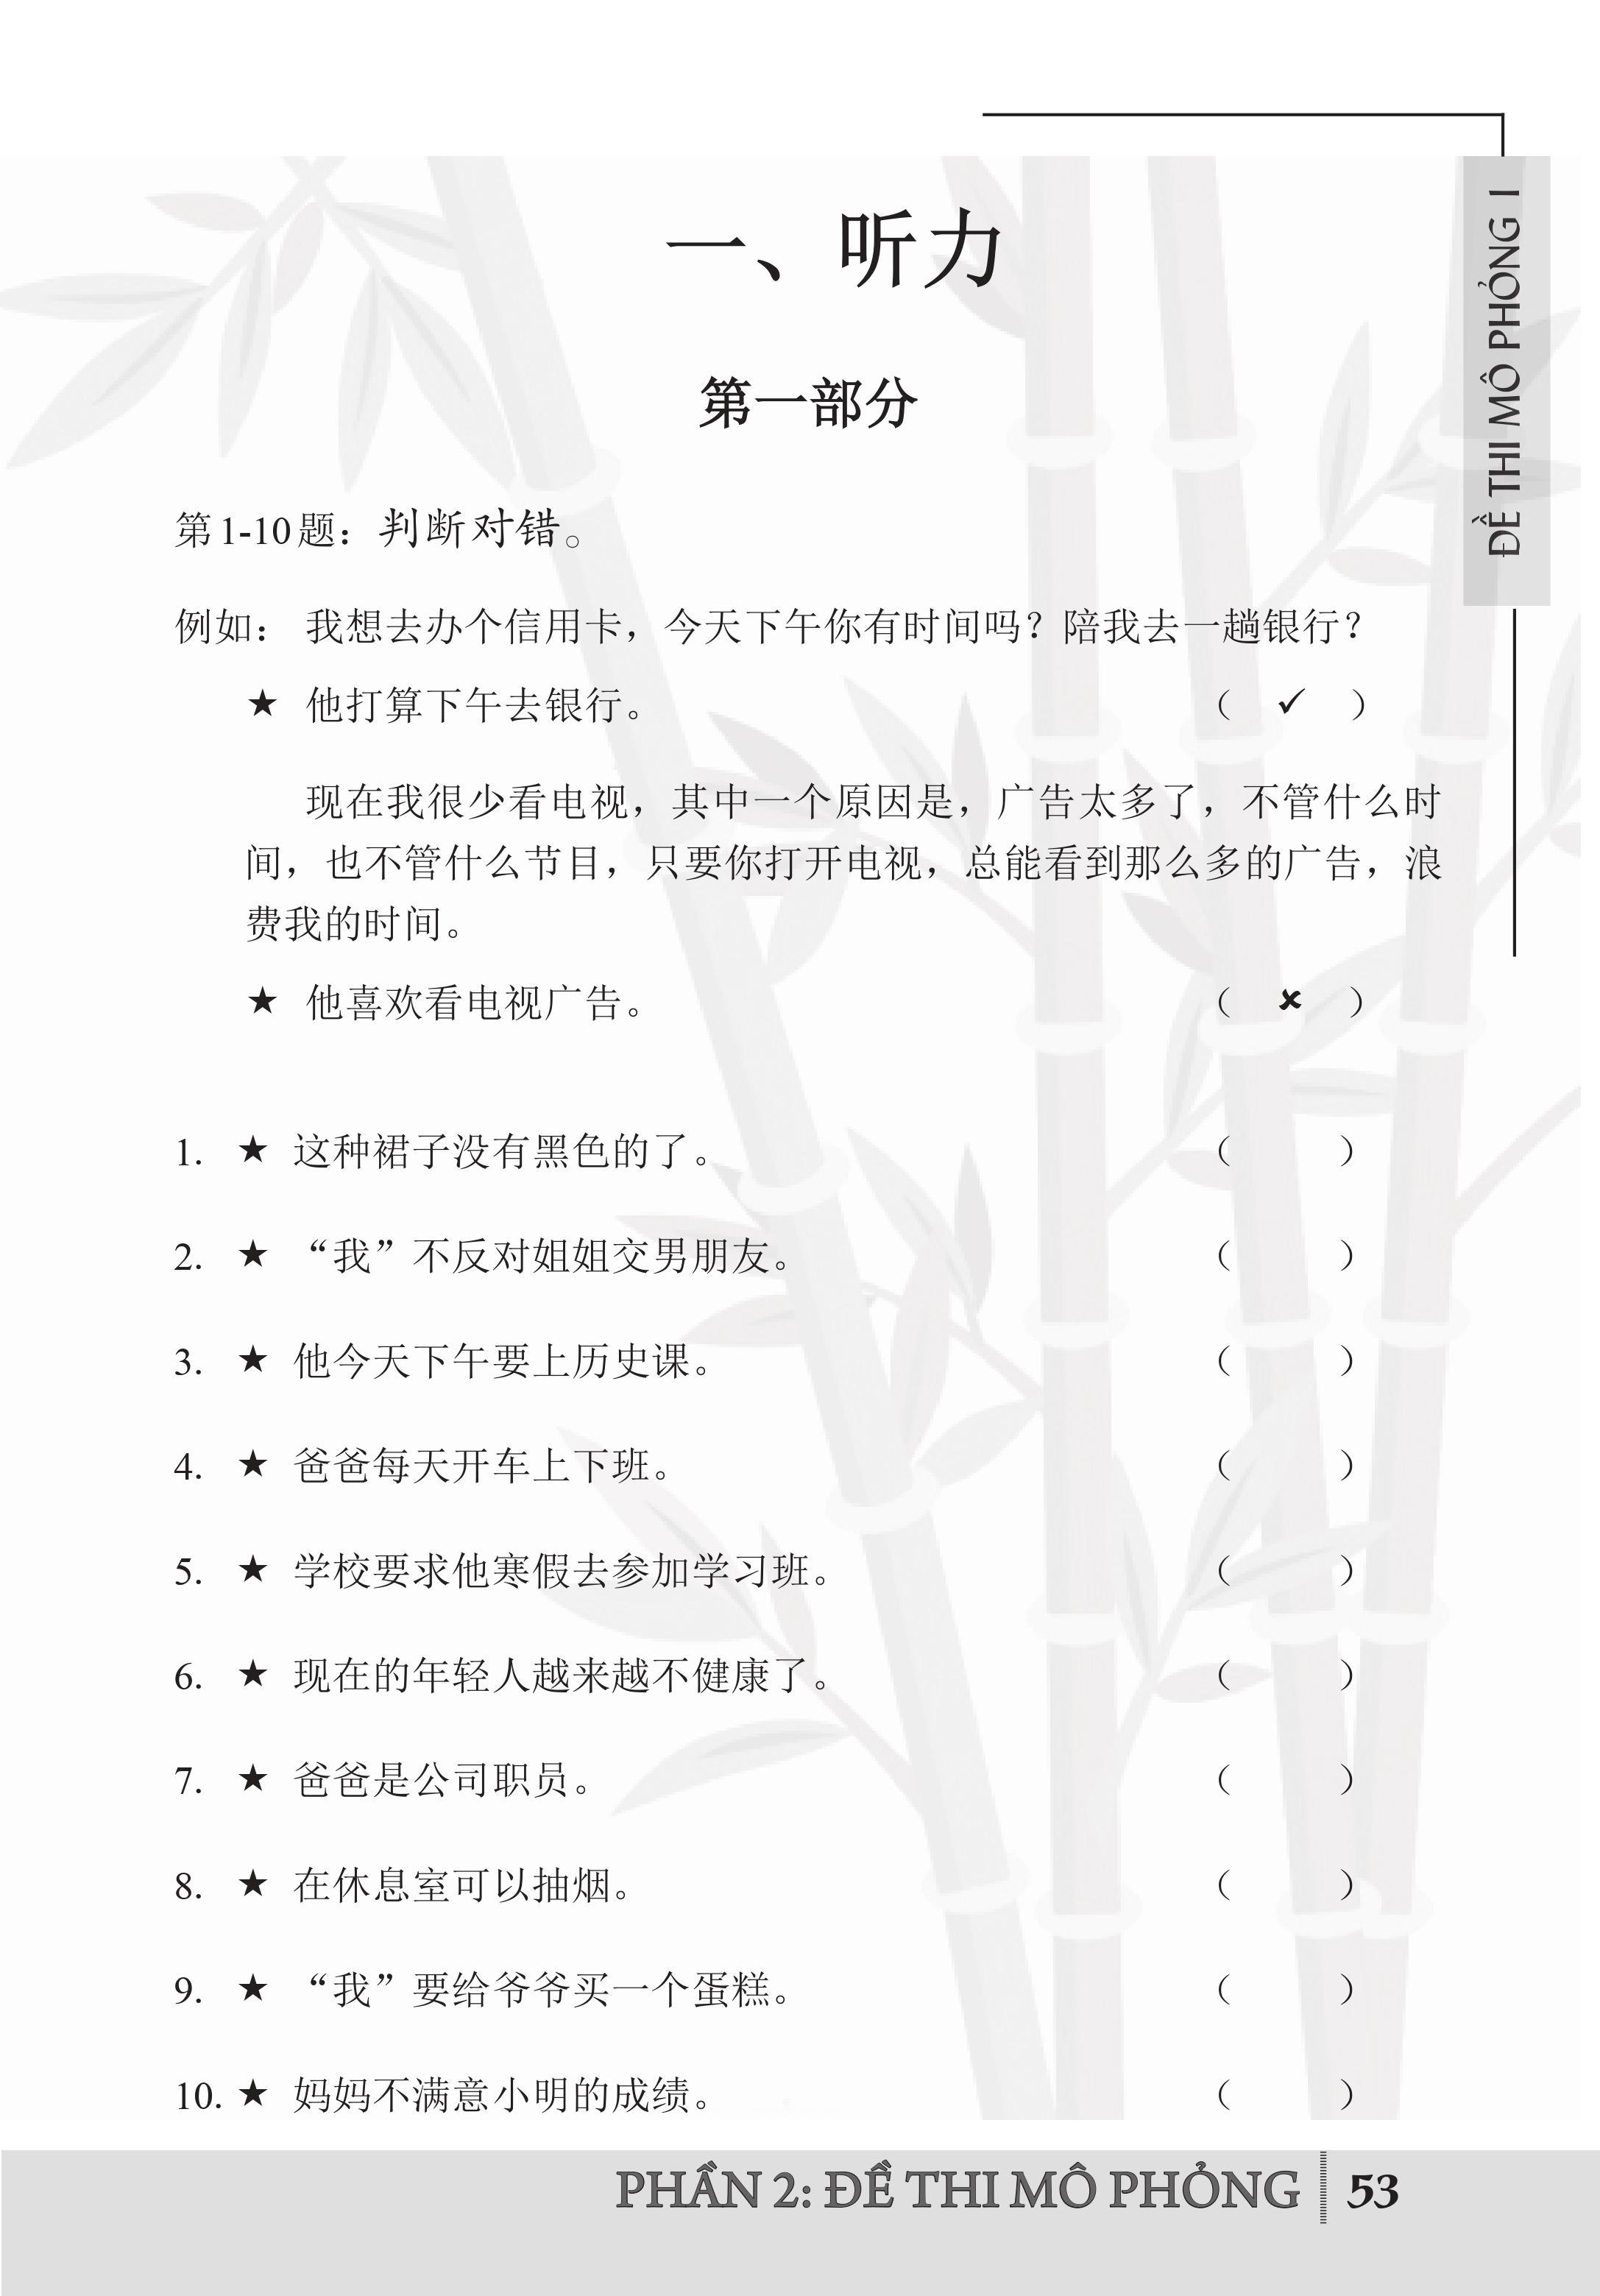 Combo 2 sách Luyện giải đề thi HSK cấp 4 có mp3 nge +Luyện thi cấp tốc tập 3 HSK 5+6 (Tiếng Trung giản thể, bính âm Pinyin, nghĩa tiếng Việt)+DVD tài liệu